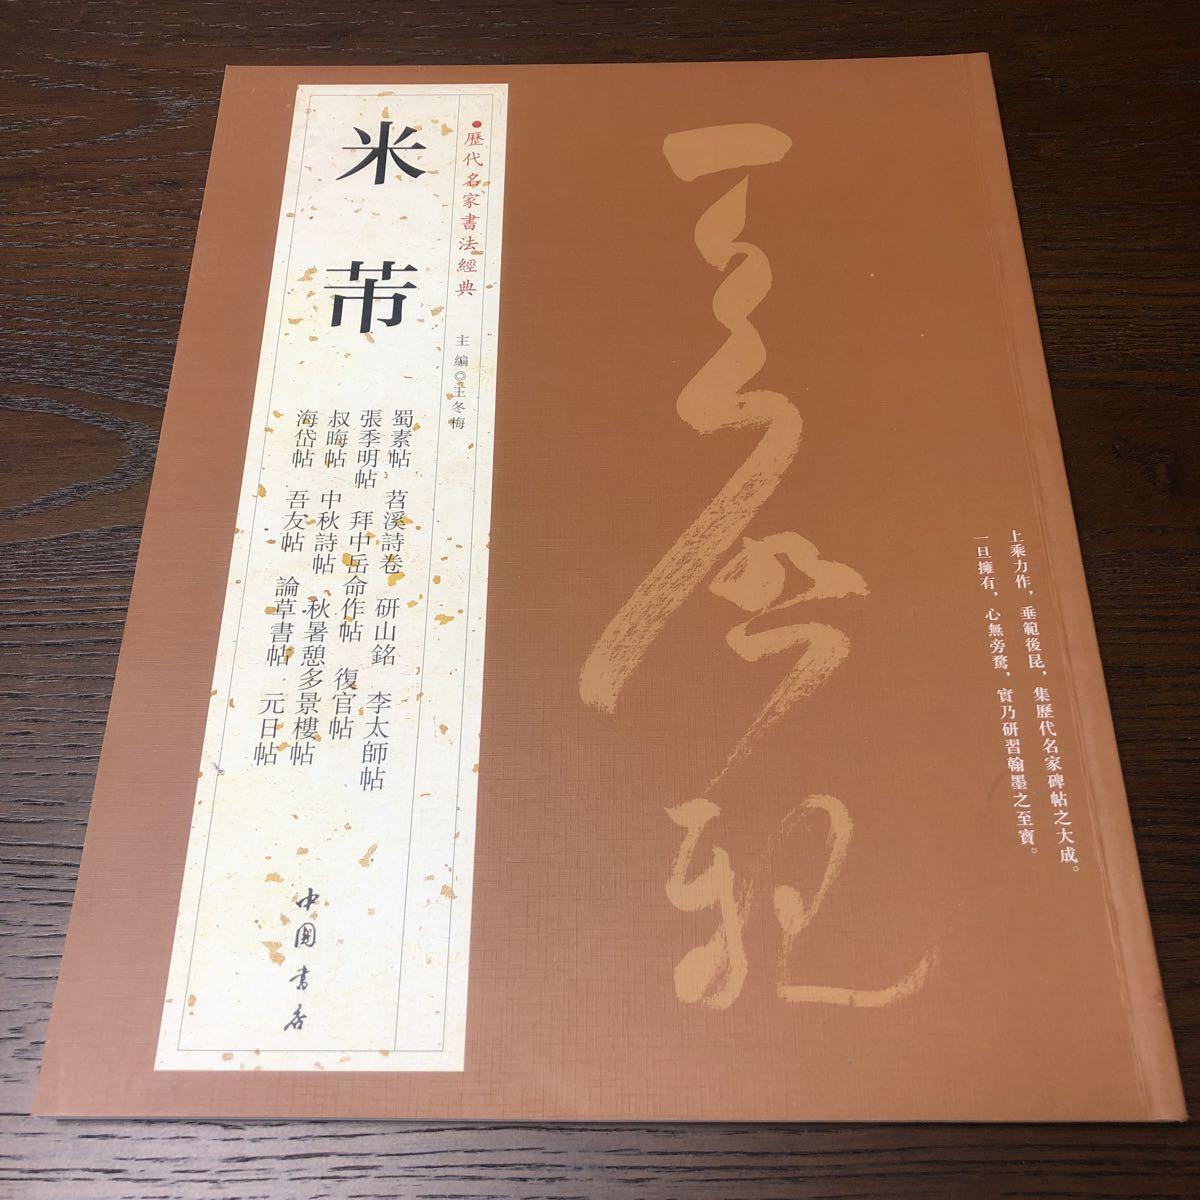 【名家法帖】米フツ 経典作品集 釈文付 見やすく大本